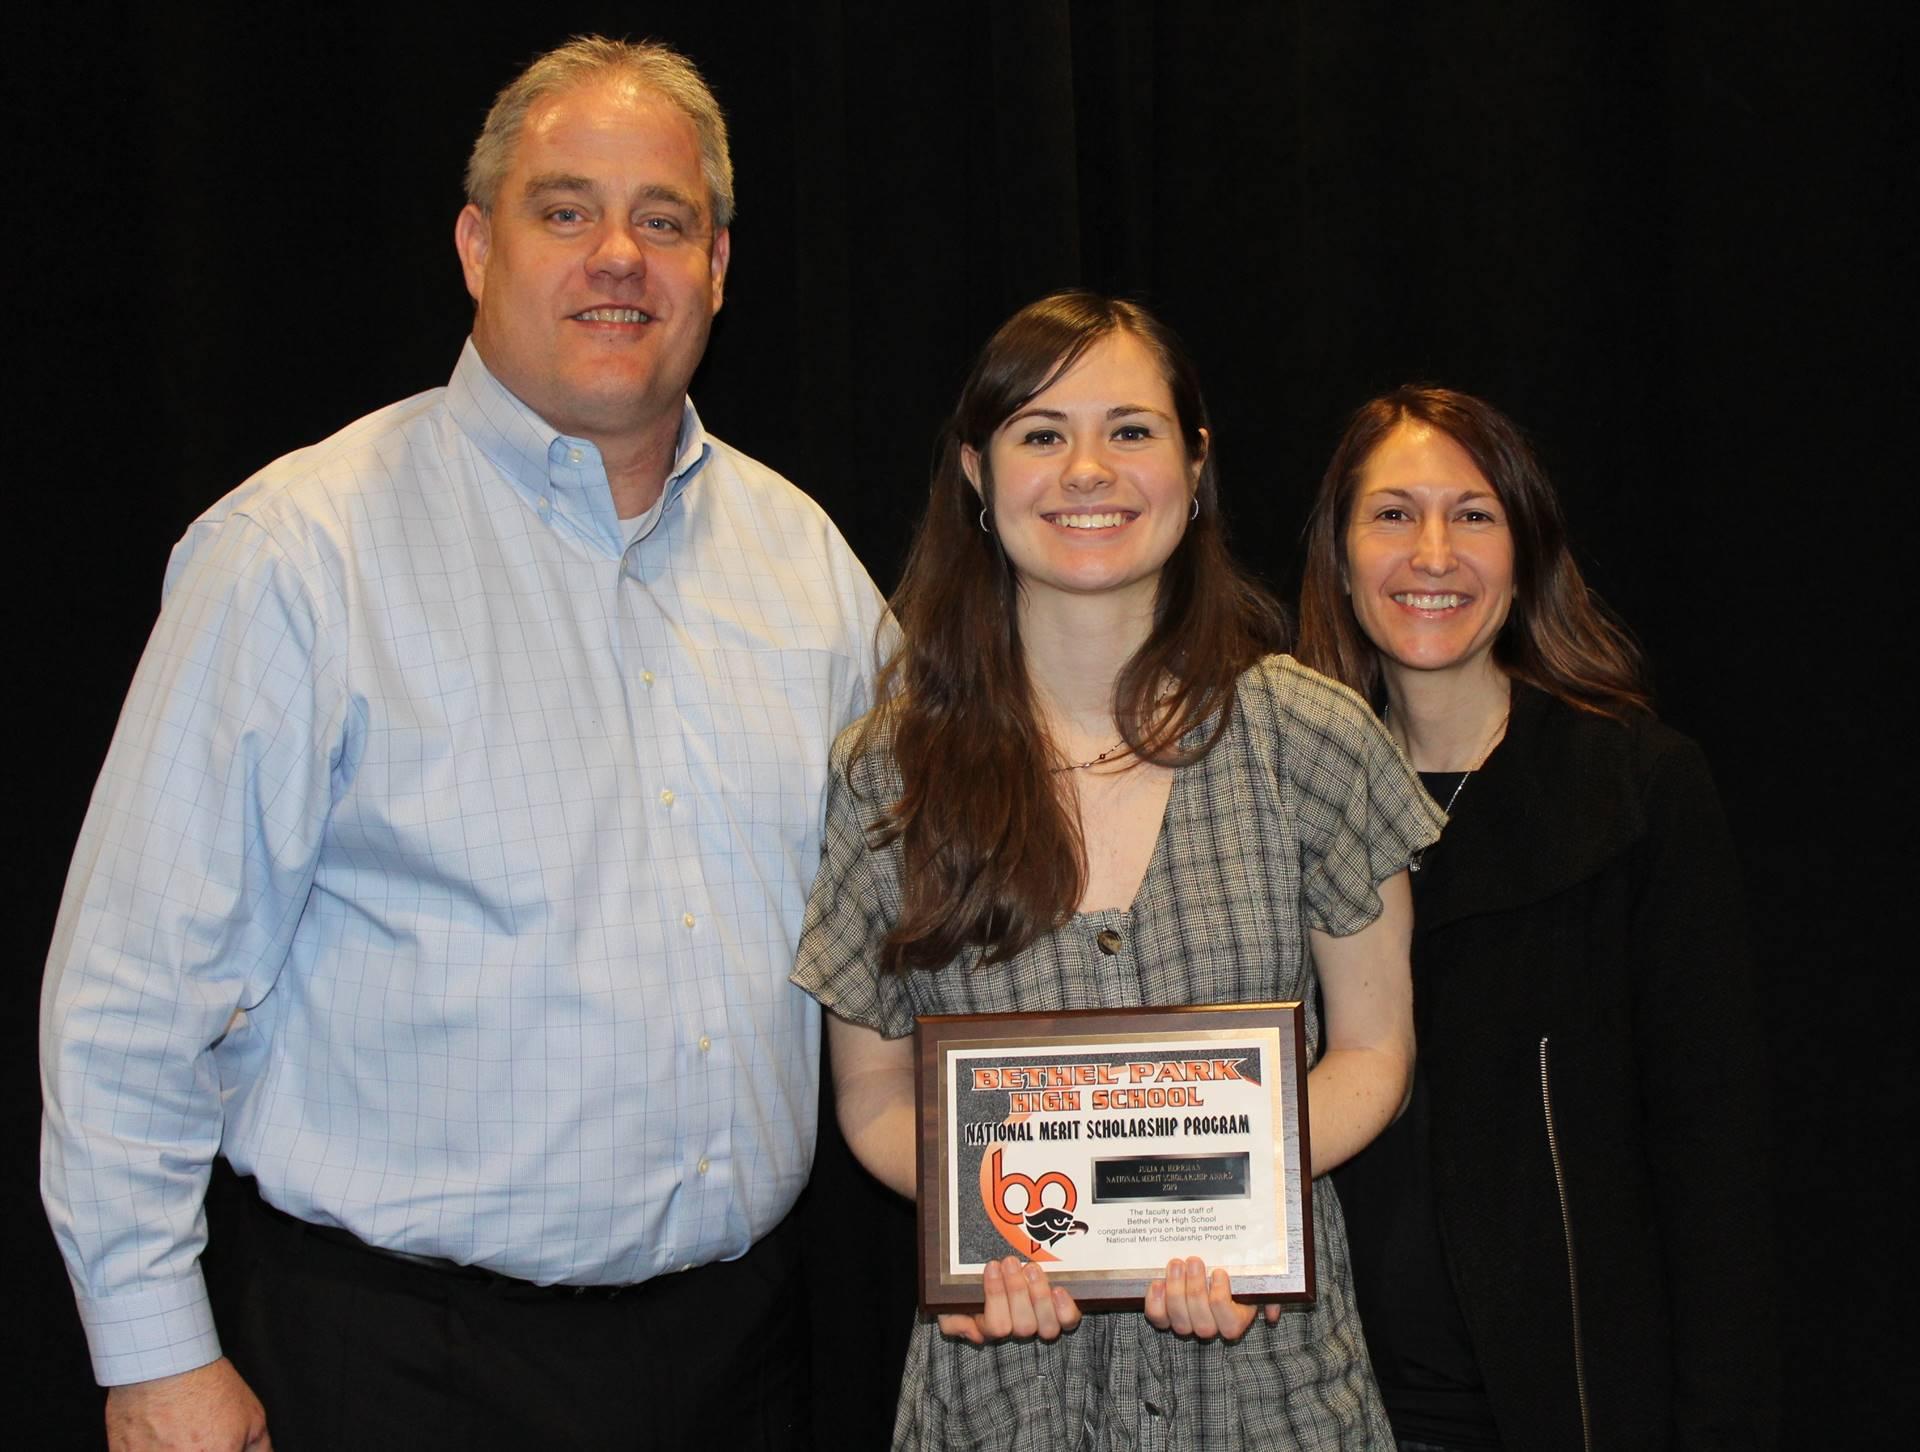 Julia Herrman and her parents